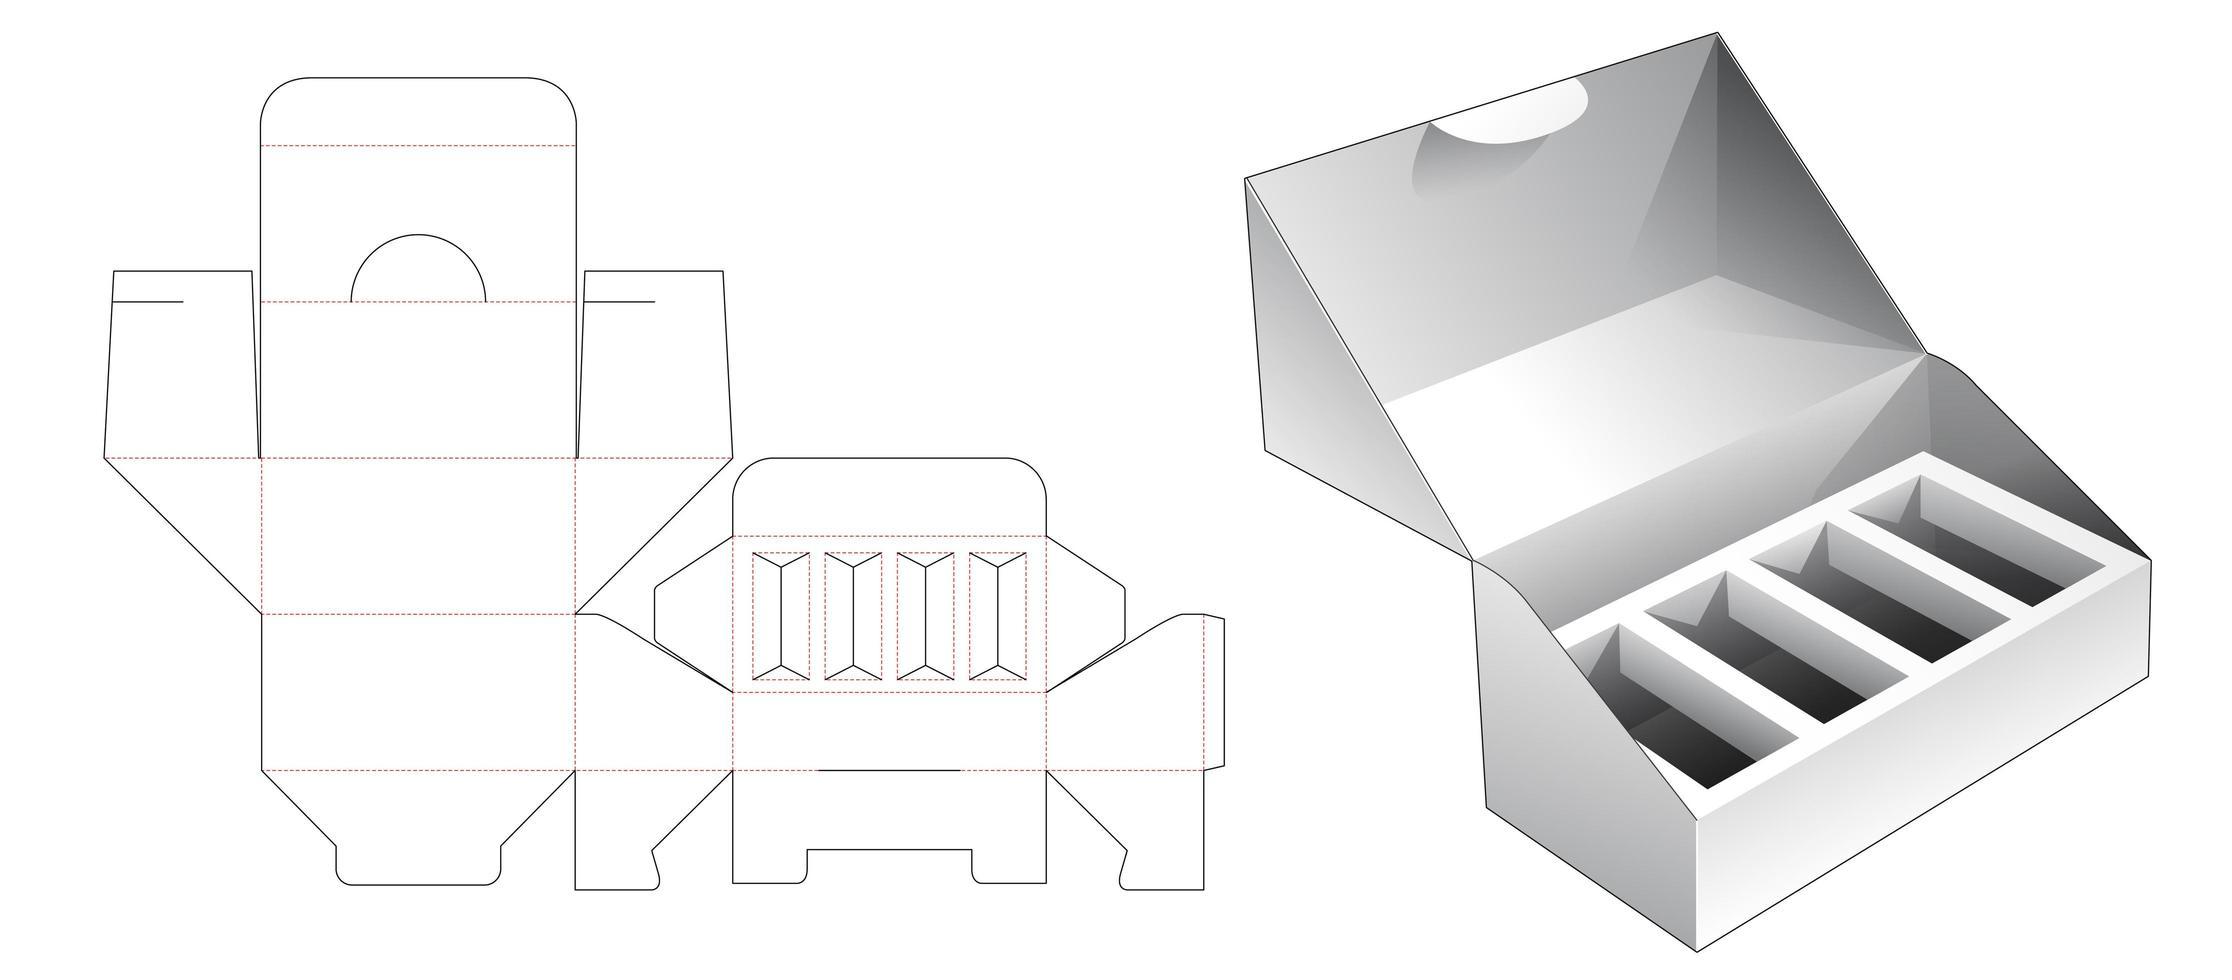 Embalagem de 1 peça com suporte de inserção múltipla vetor